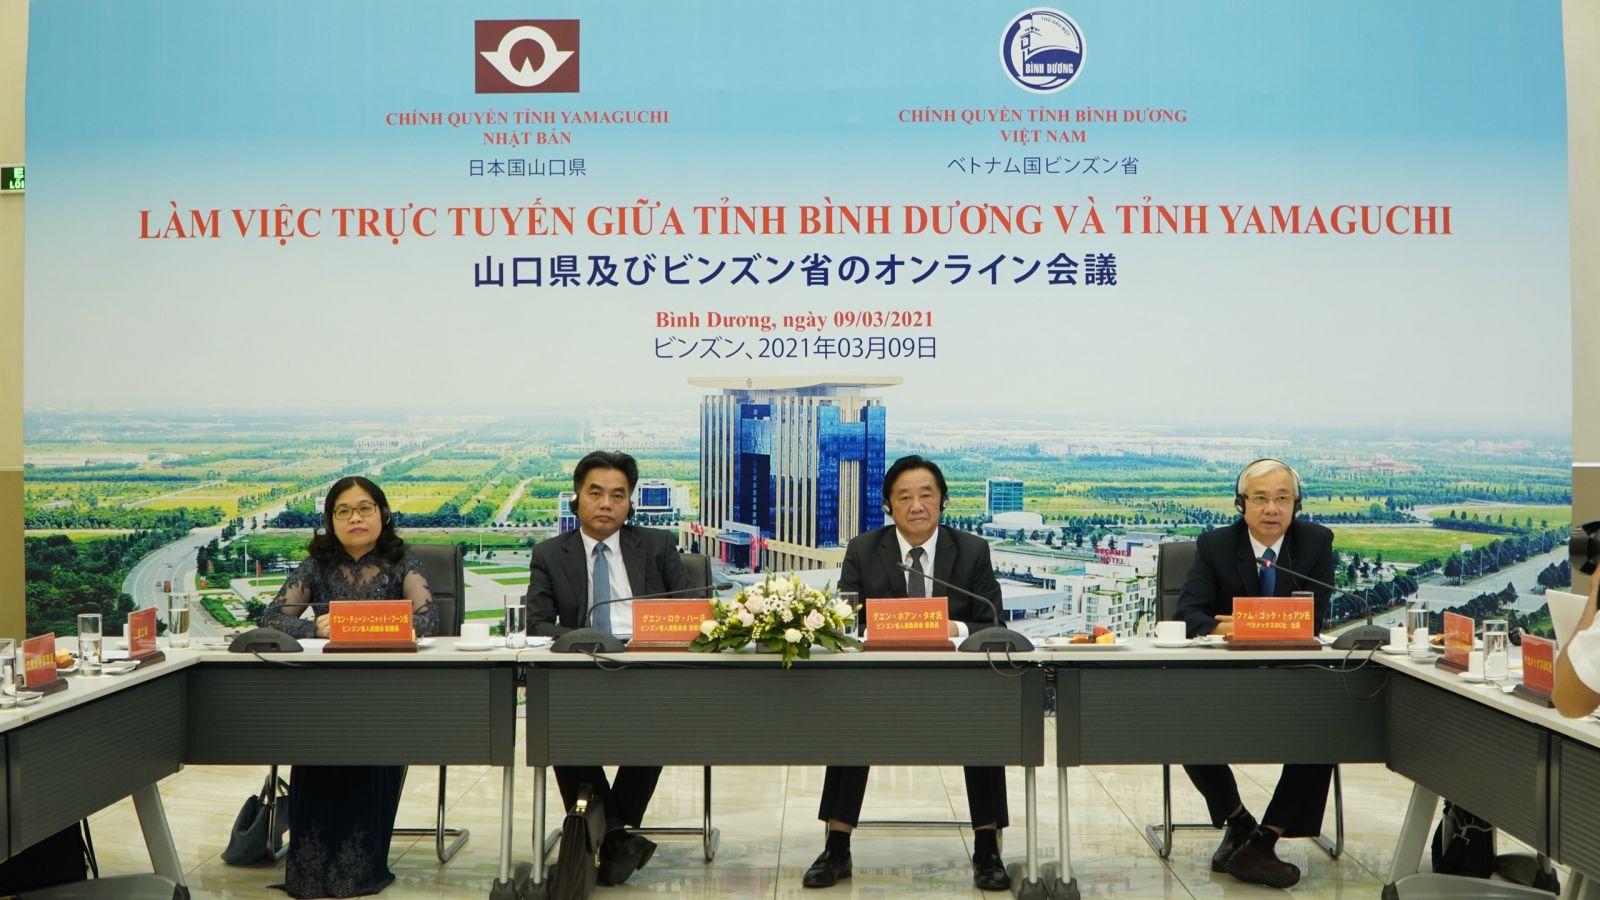 Đại biểu tham dự hội thảo tại điểm cầu Bình Dương